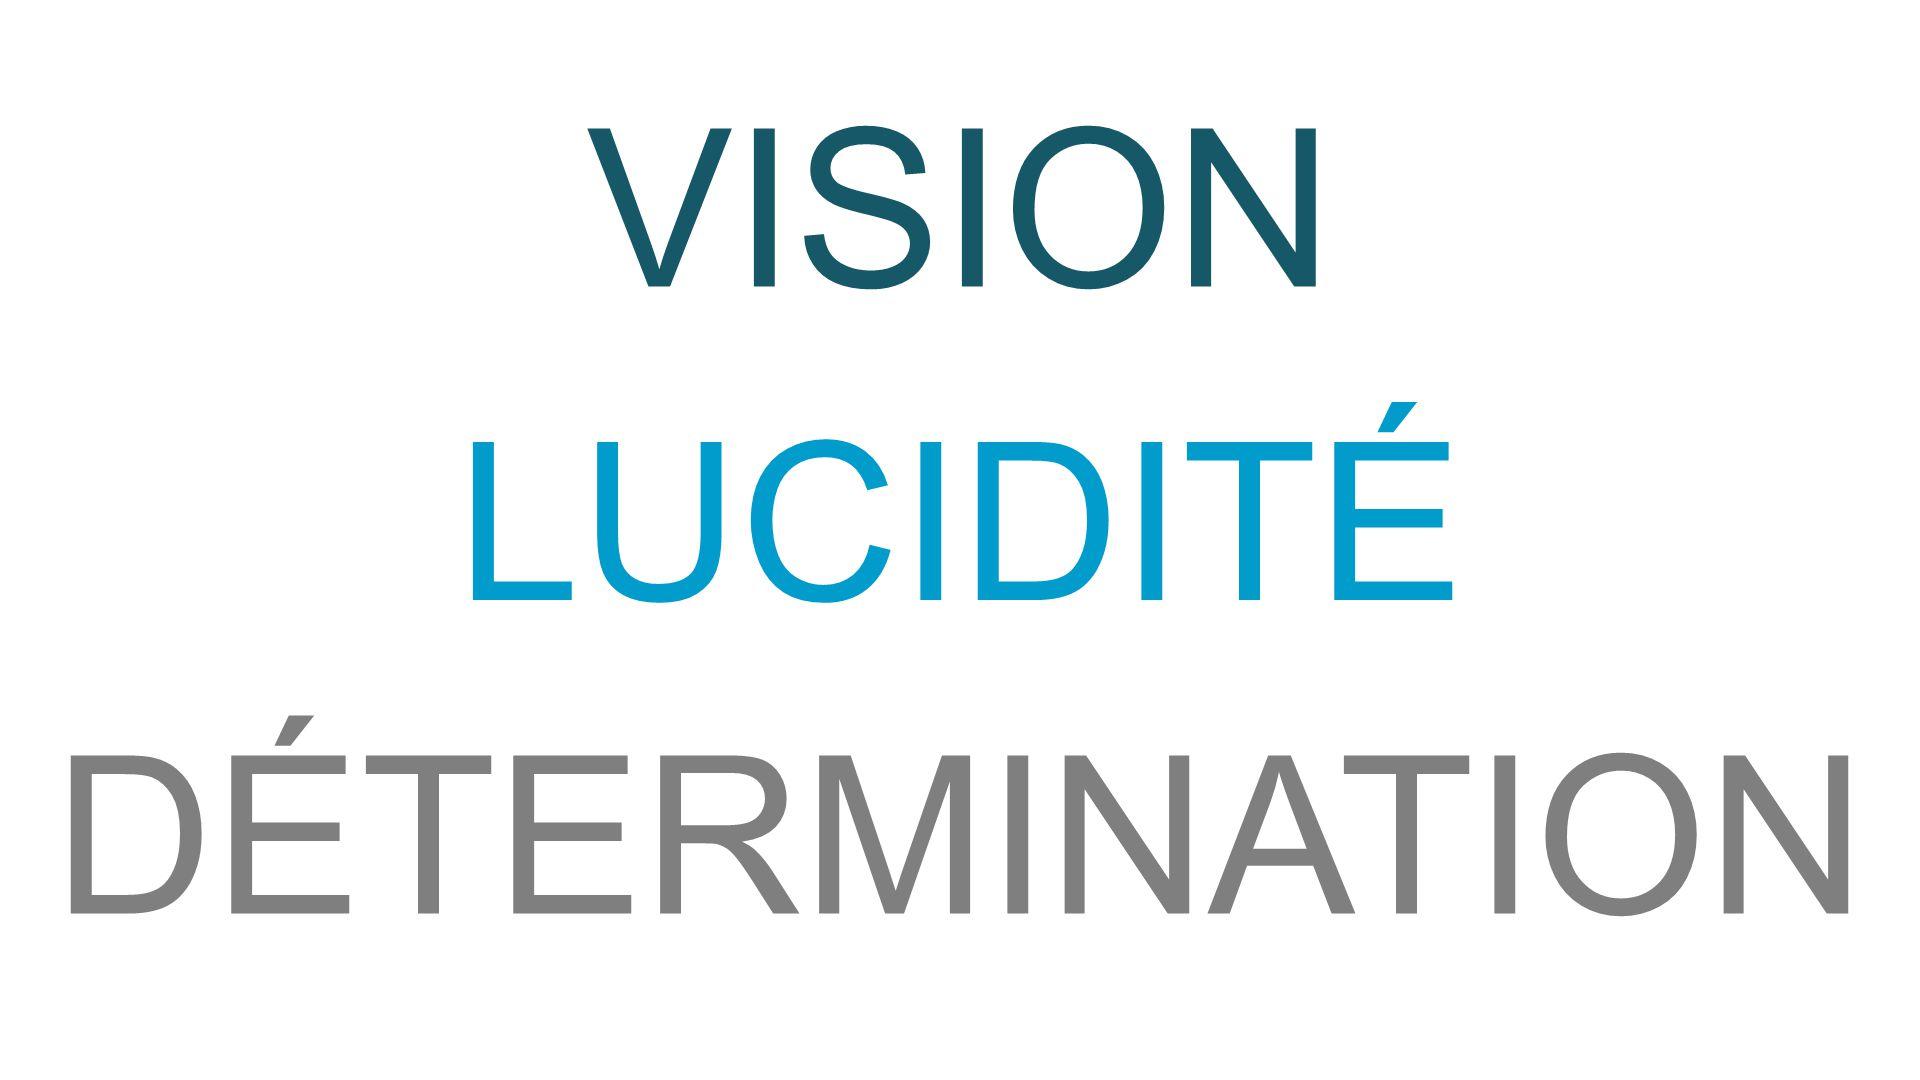 VISION LUCIDITÉ DÉTERMINATION